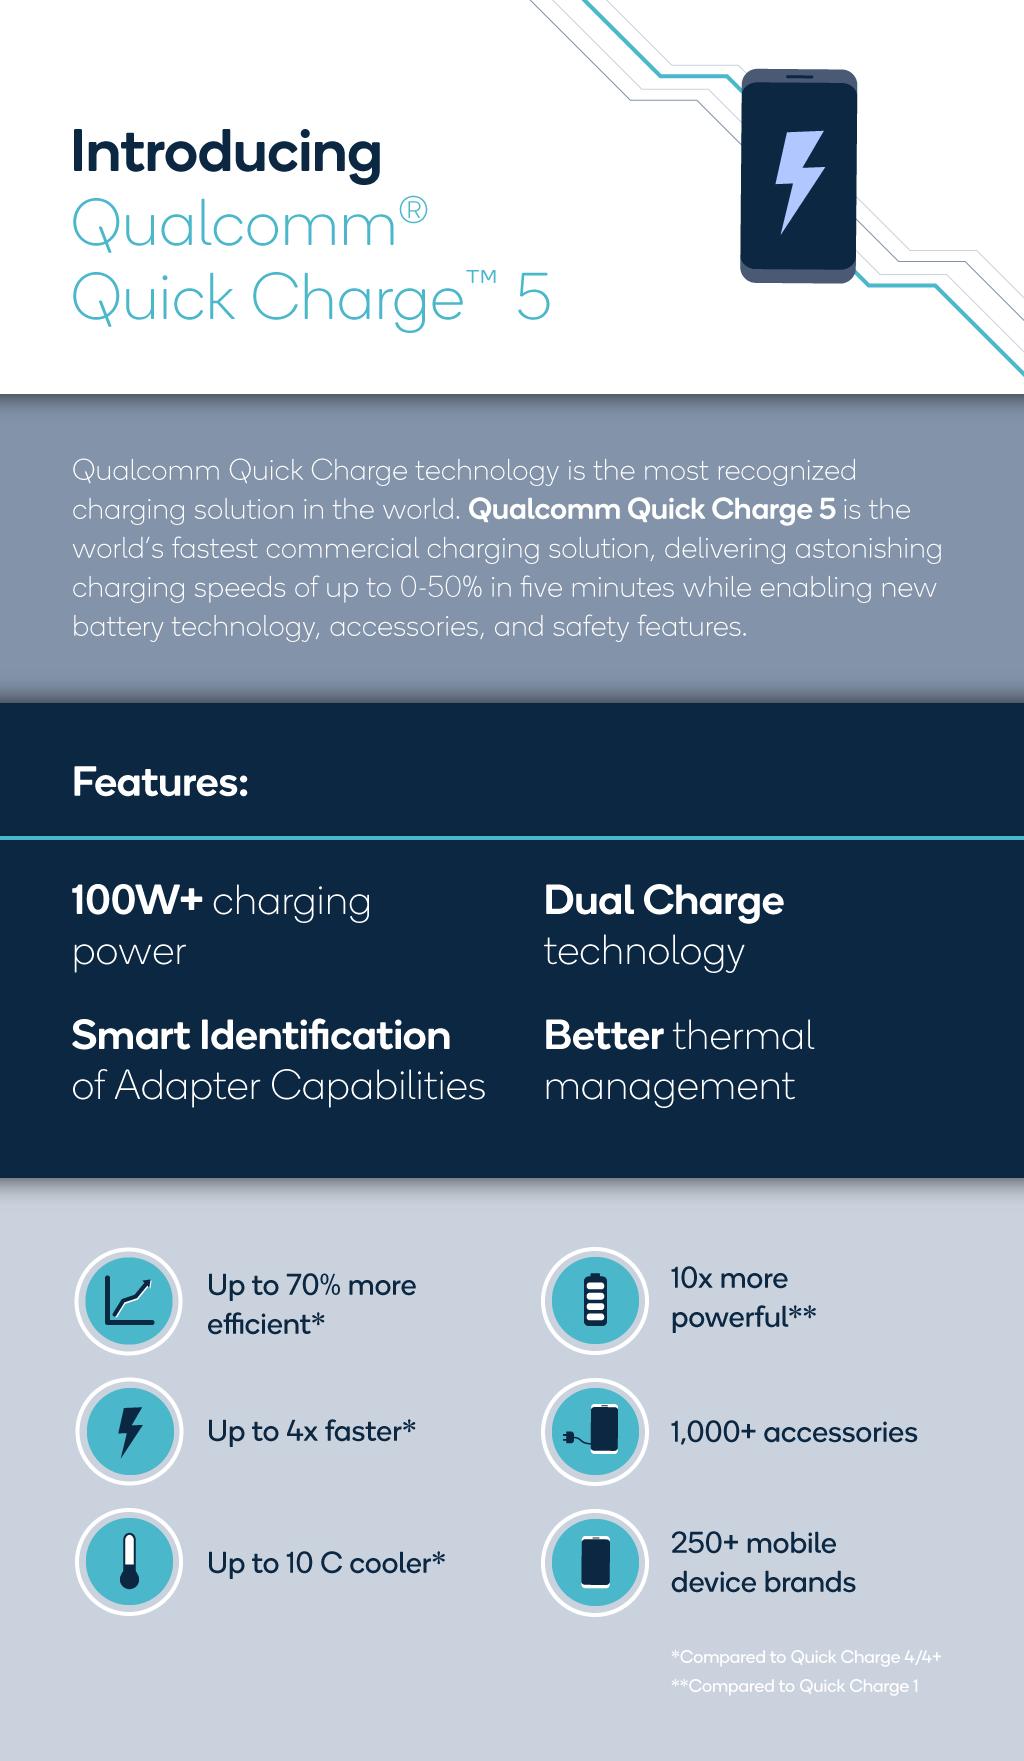 高通發表Quick Charge 5 (QC 5.0)快充,效率較QC4提升70%、5分鐘充50%電力